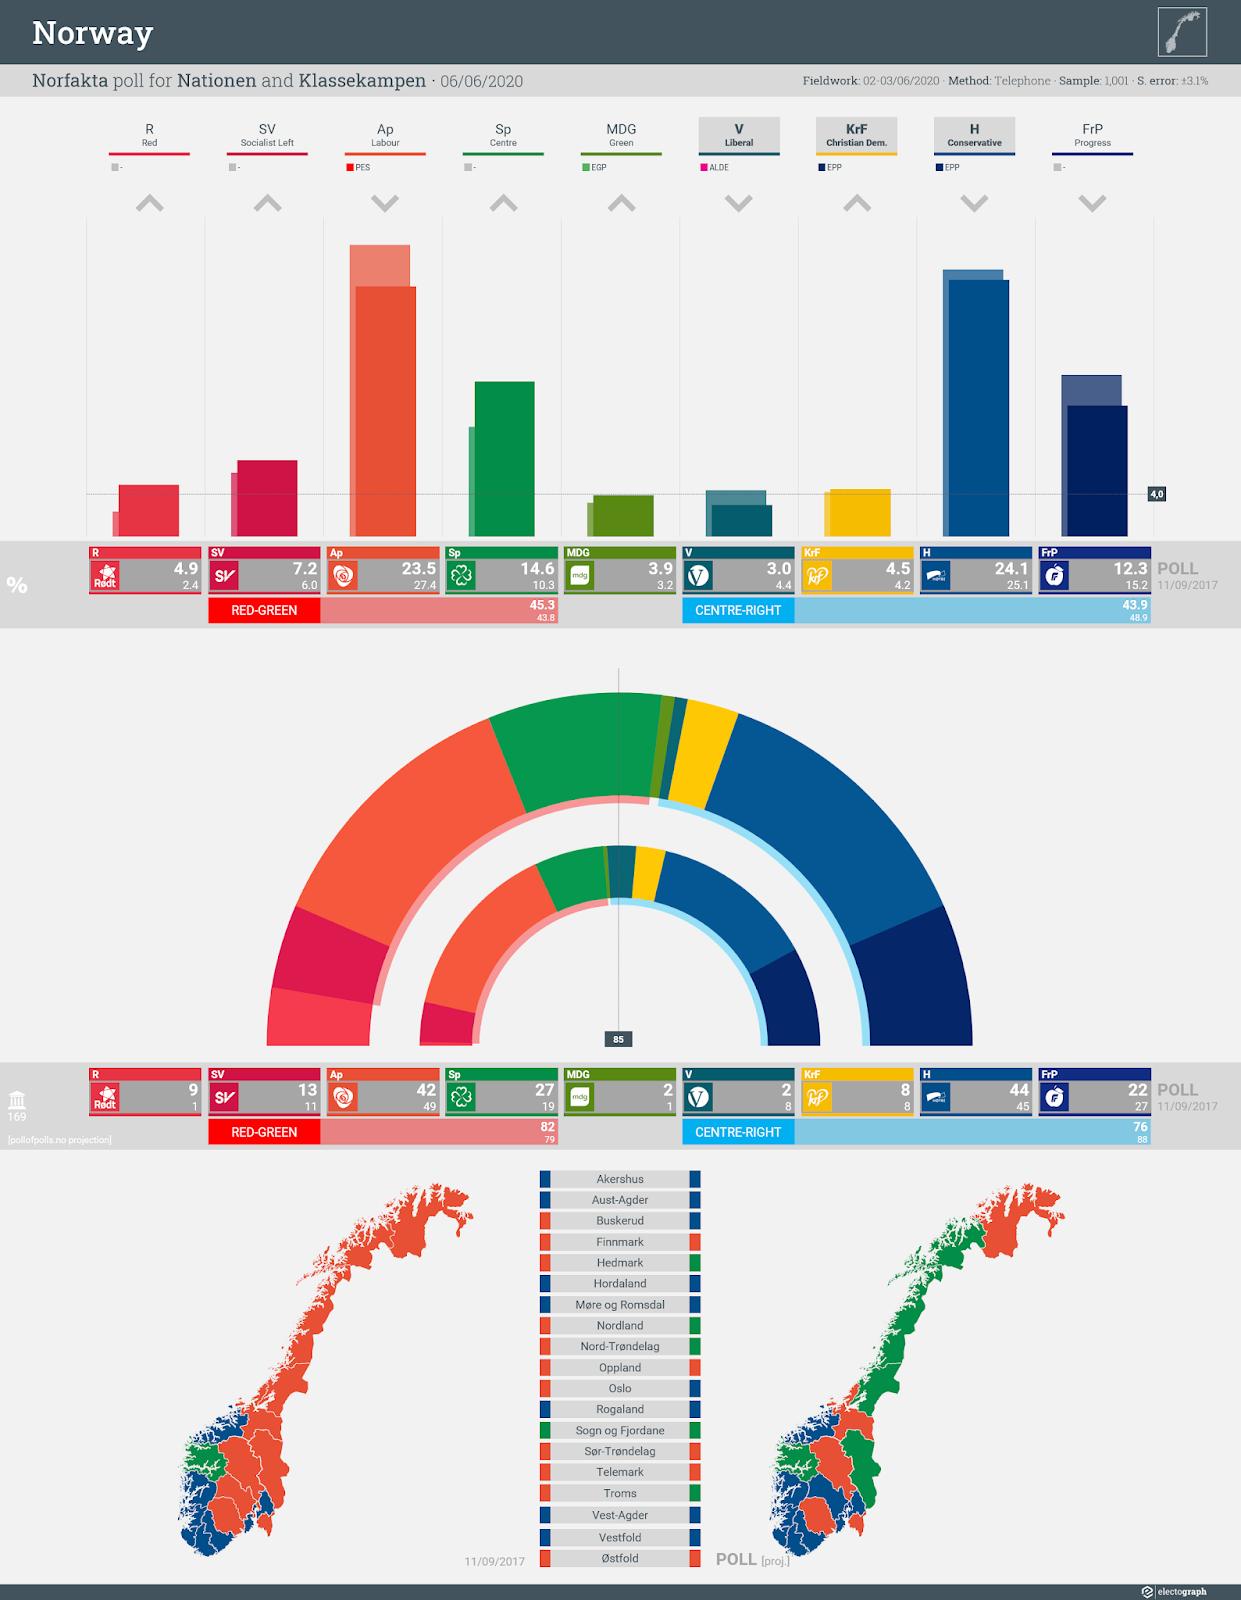 NORWAY: Norfakta poll chart for Nationen and Klassekampen, 6 June 2020